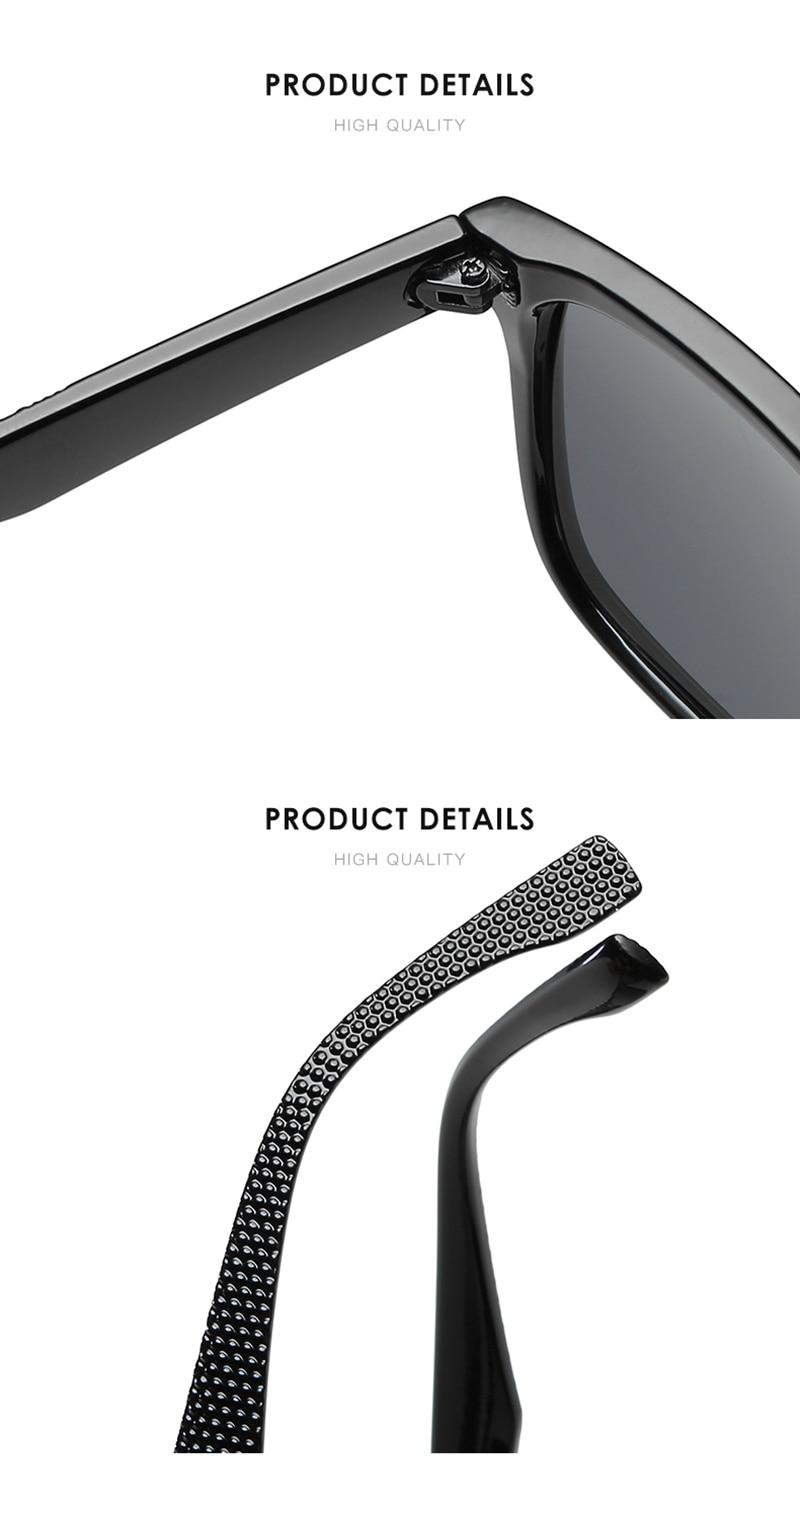 Γυαλιά ηλίου με πολωτικούς φακούς με μεγάλο σκελετό και προστασία uv400 msow